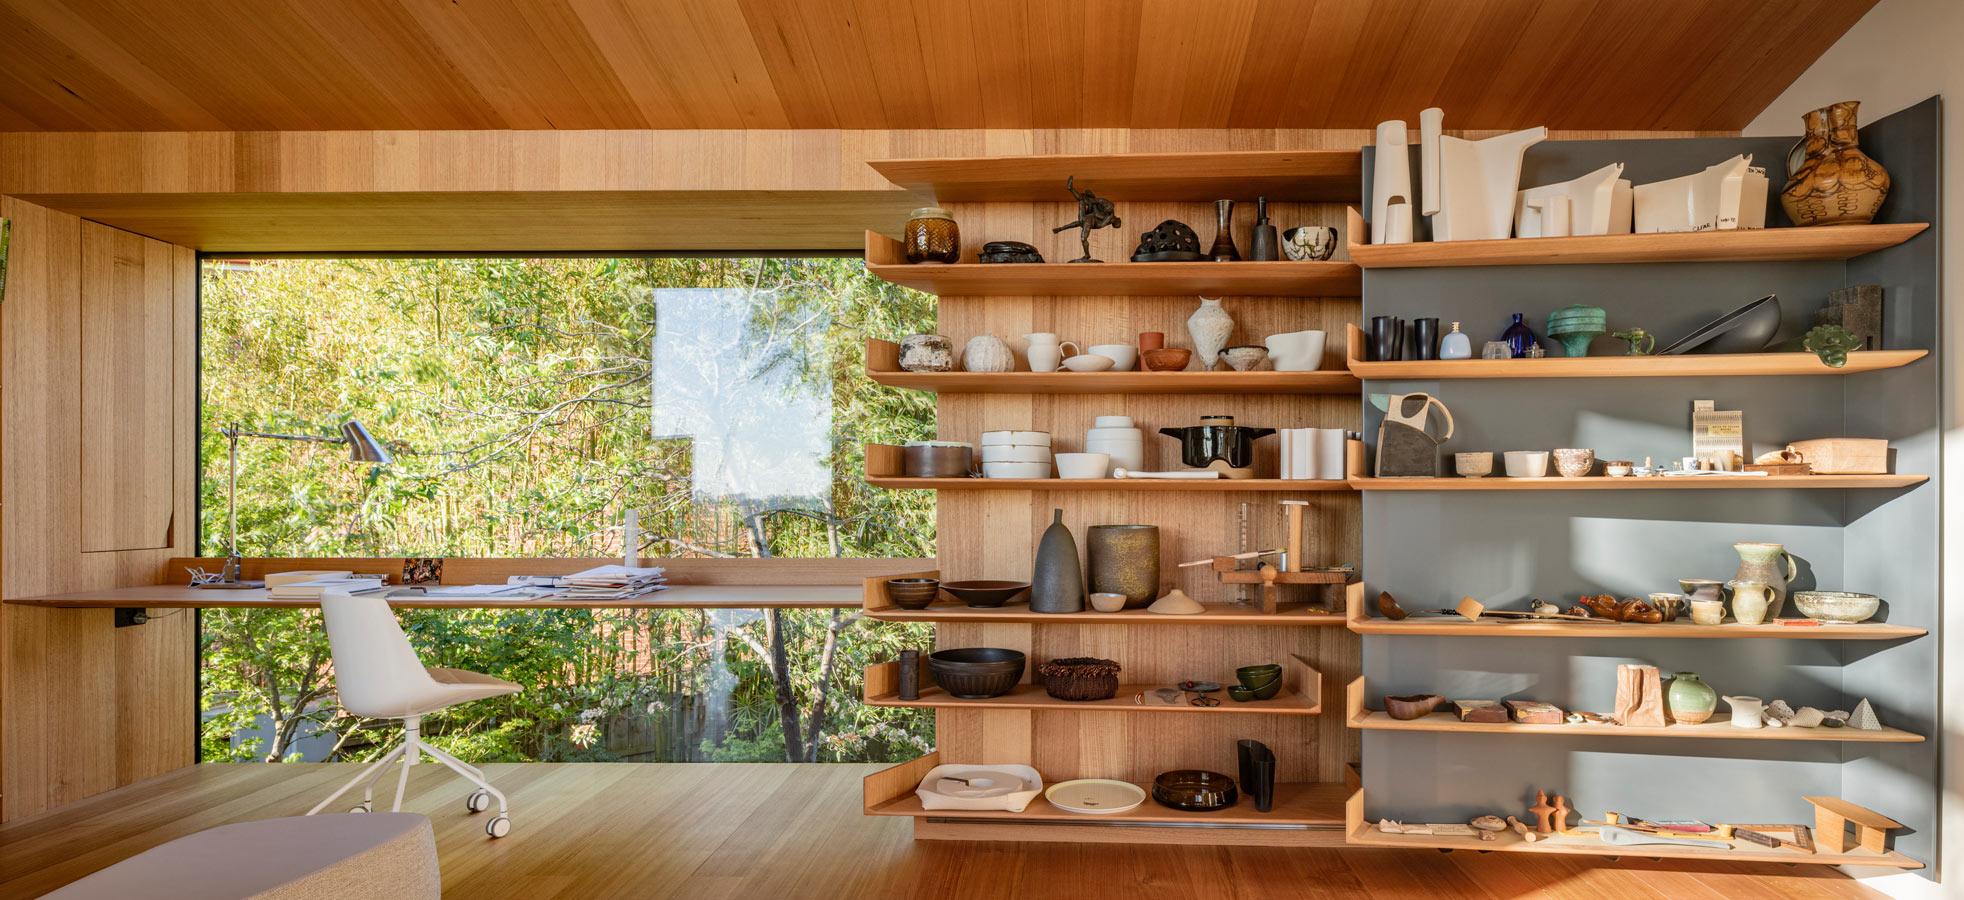 Kew Residence, John Wardle, Overend Constructions, bespoke, office desk, sliding shelves, architectural, design, joinery